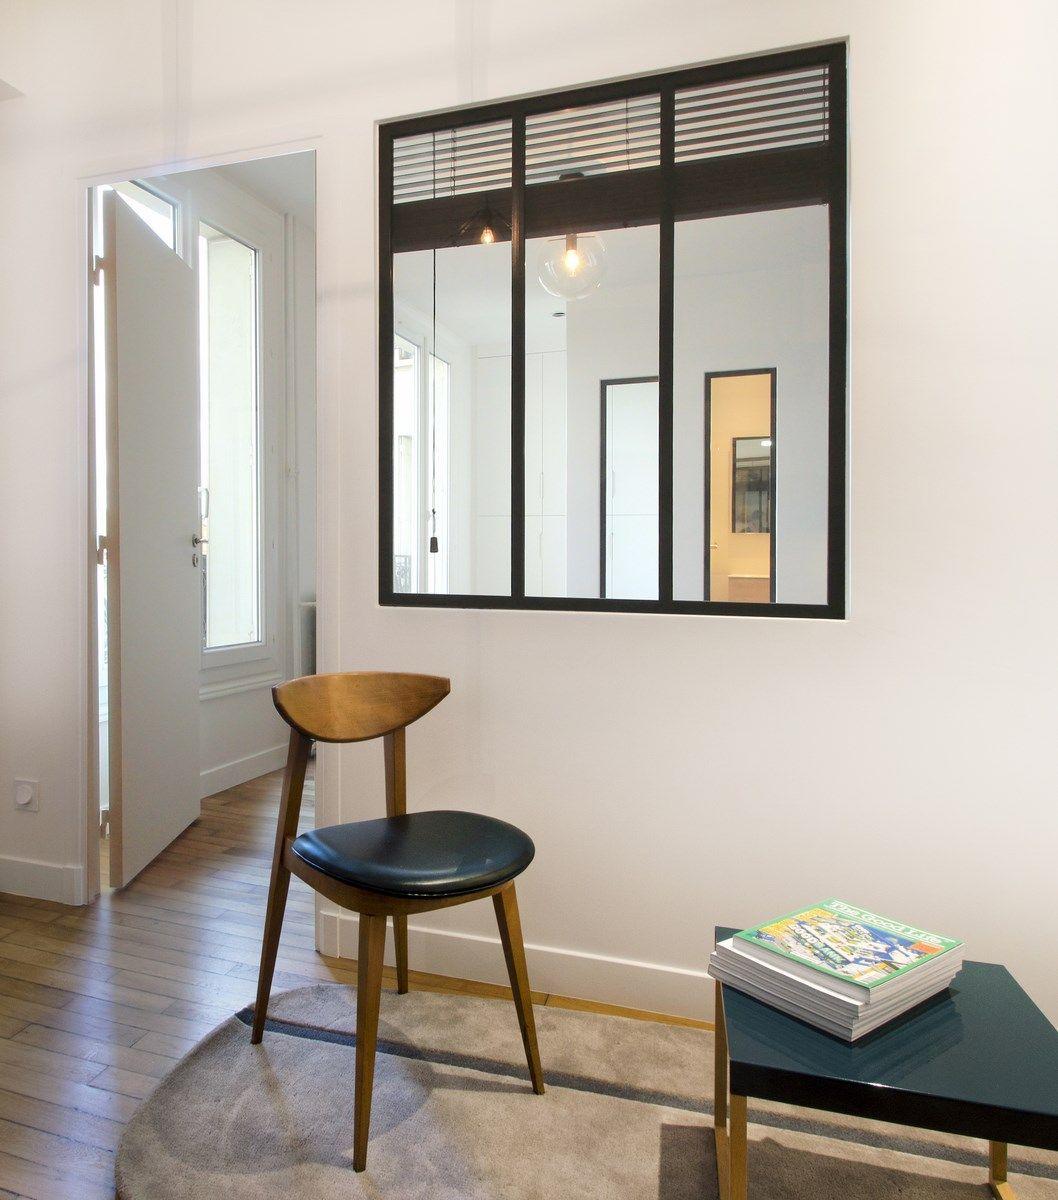 une verri re entre un bureau et une chambre pour apporter de la la lumi re une pi ce aveugle. Black Bedroom Furniture Sets. Home Design Ideas